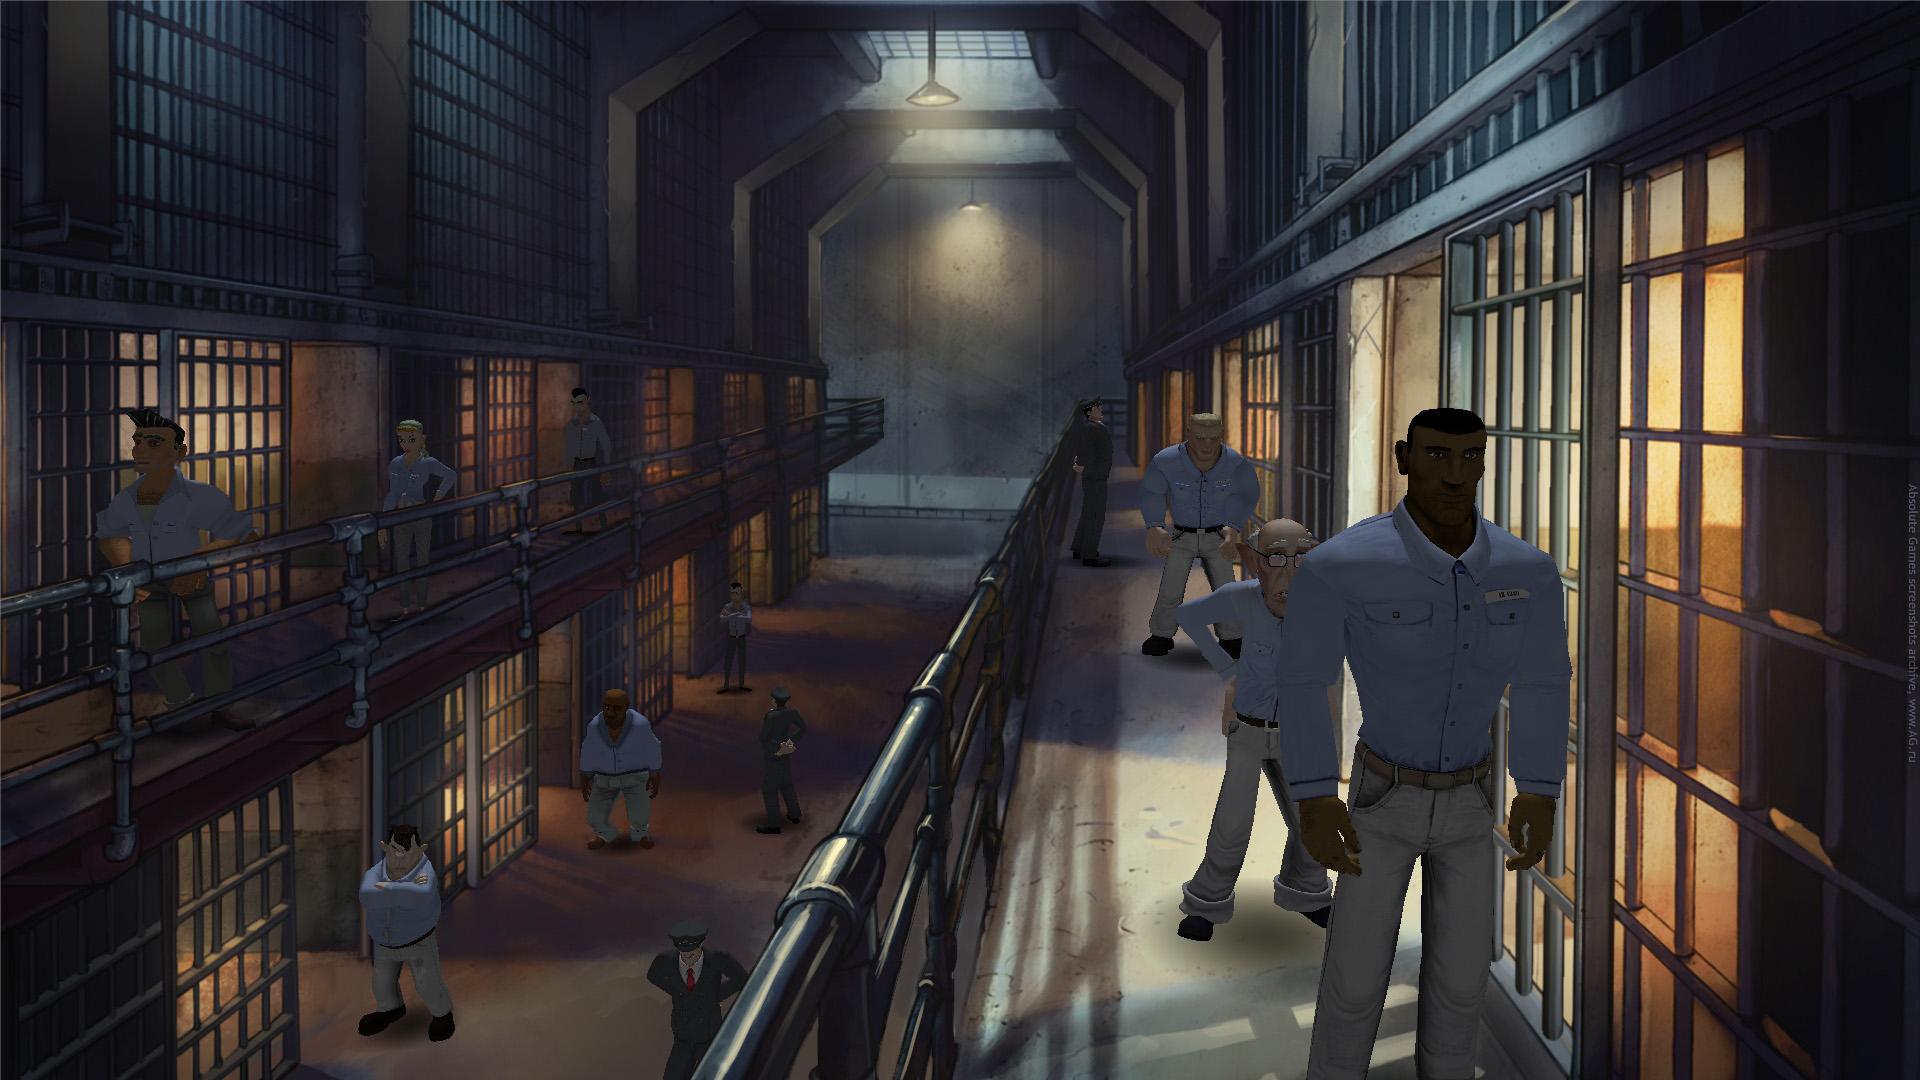 игра побег из тюрьмы торрент игра